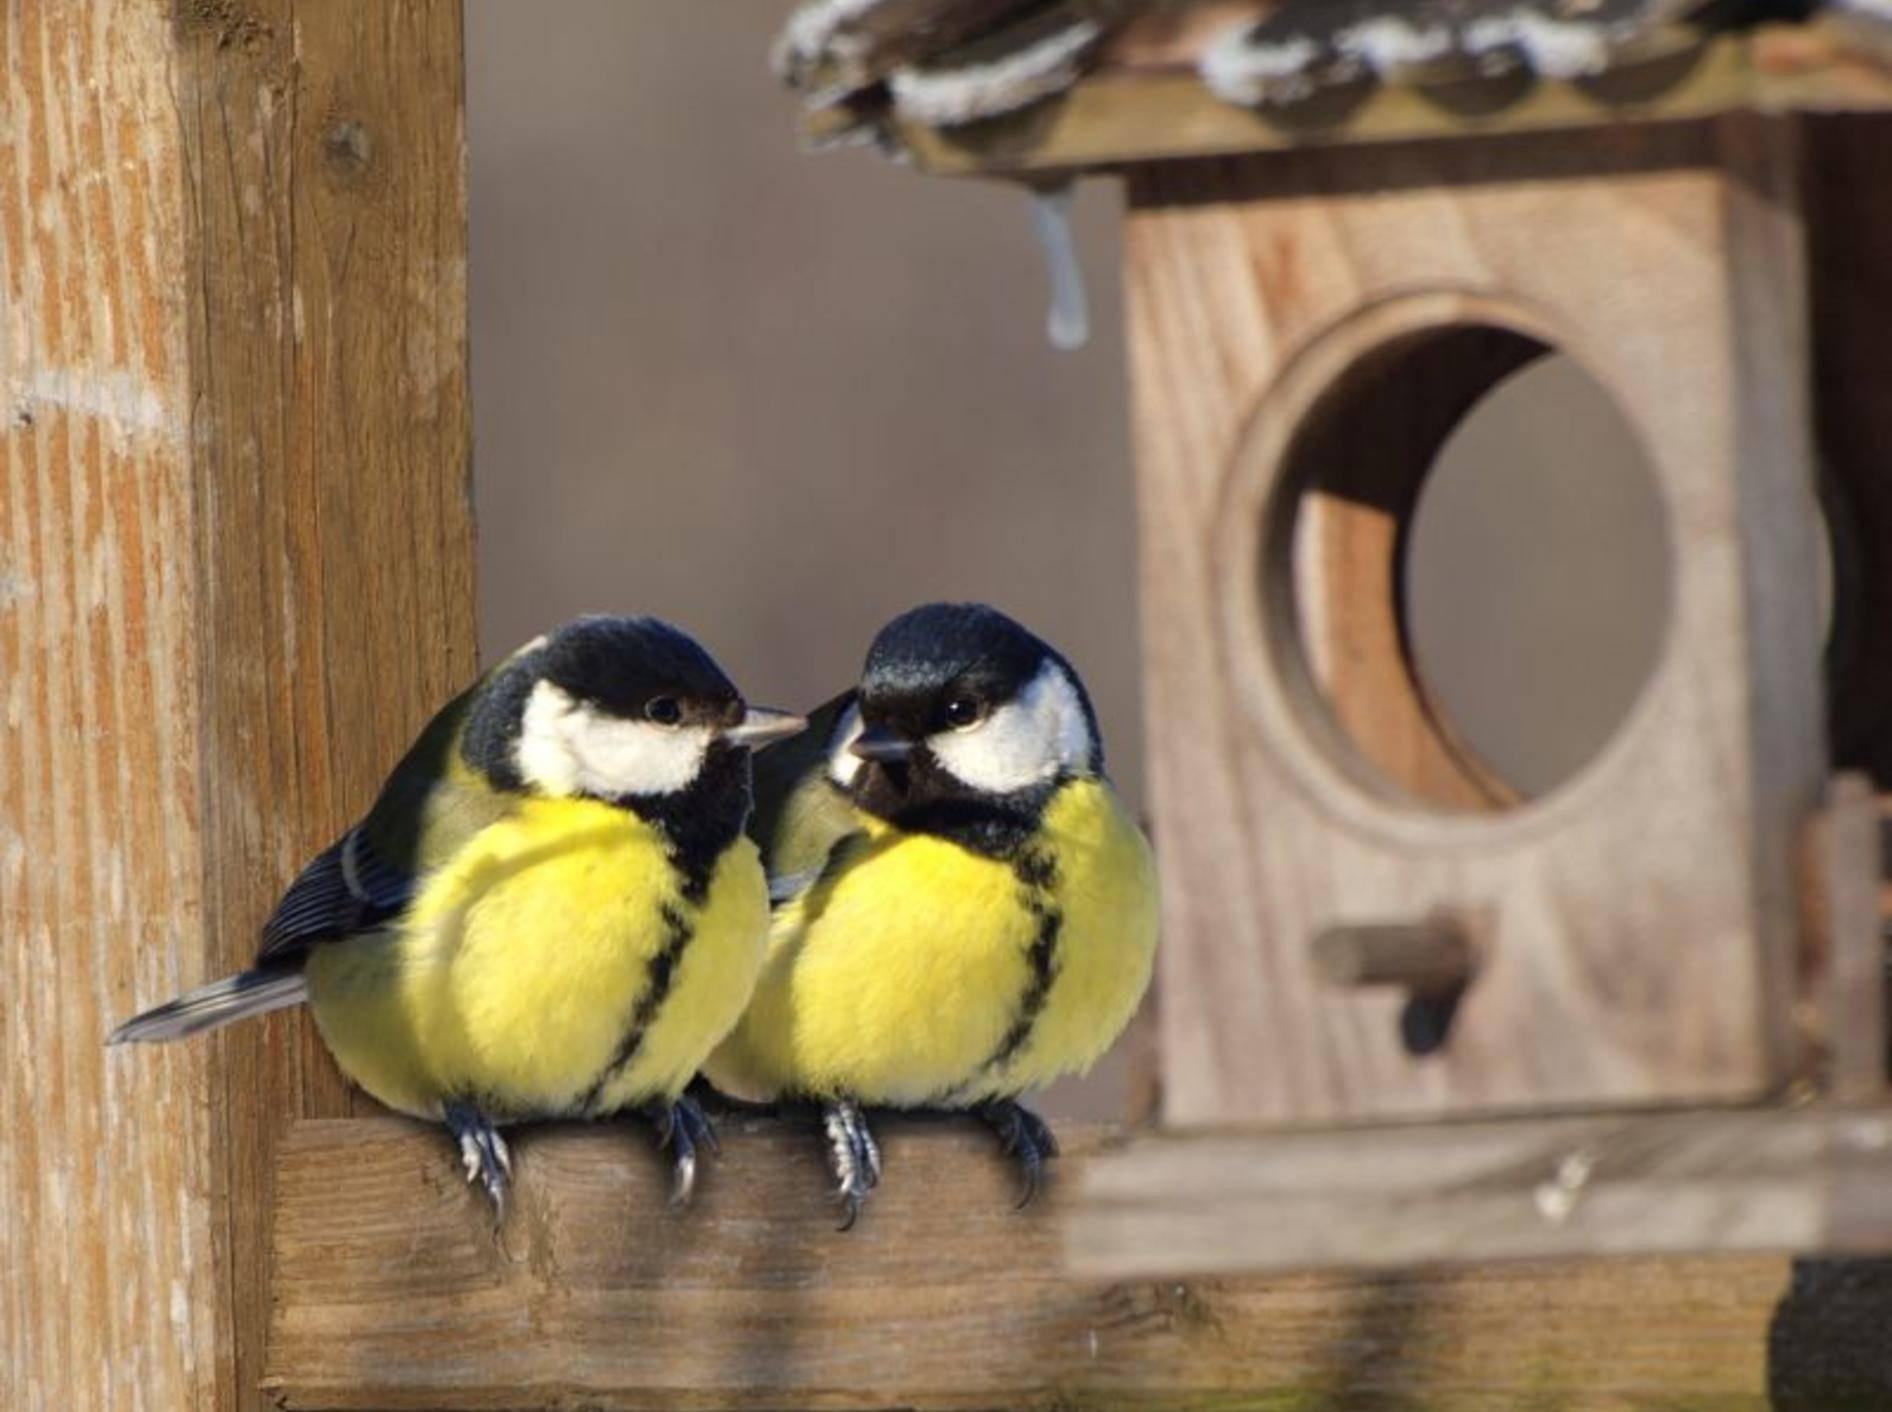 Eine schön gepflegte Futterstelle hilft Vögeln, den Winter gut zu überstehen – Bild: Shutterstock / gorillaimages